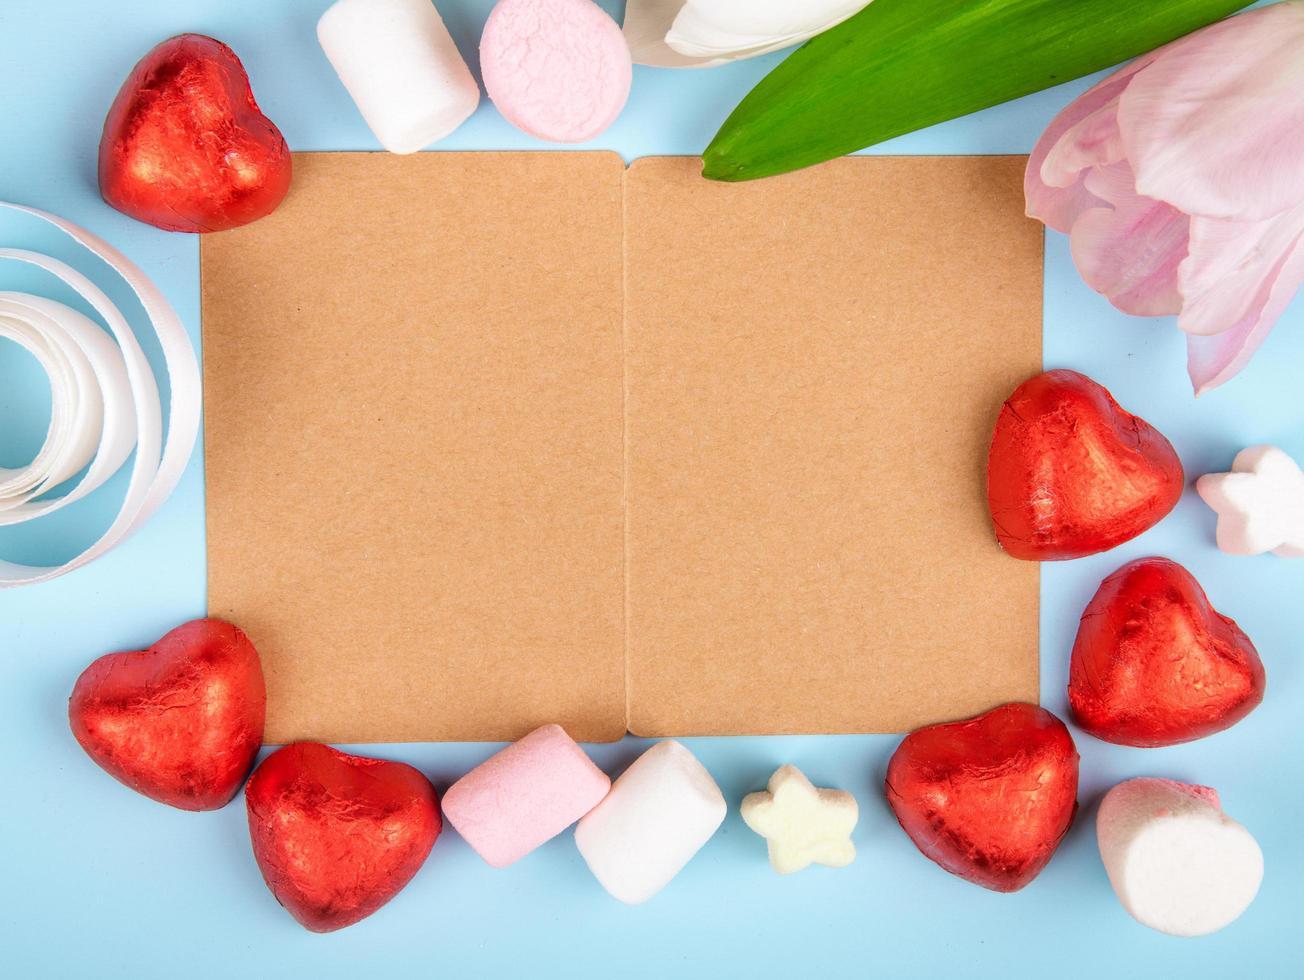 Vista superior de papel marrón con chocolates en forma de corazón foto